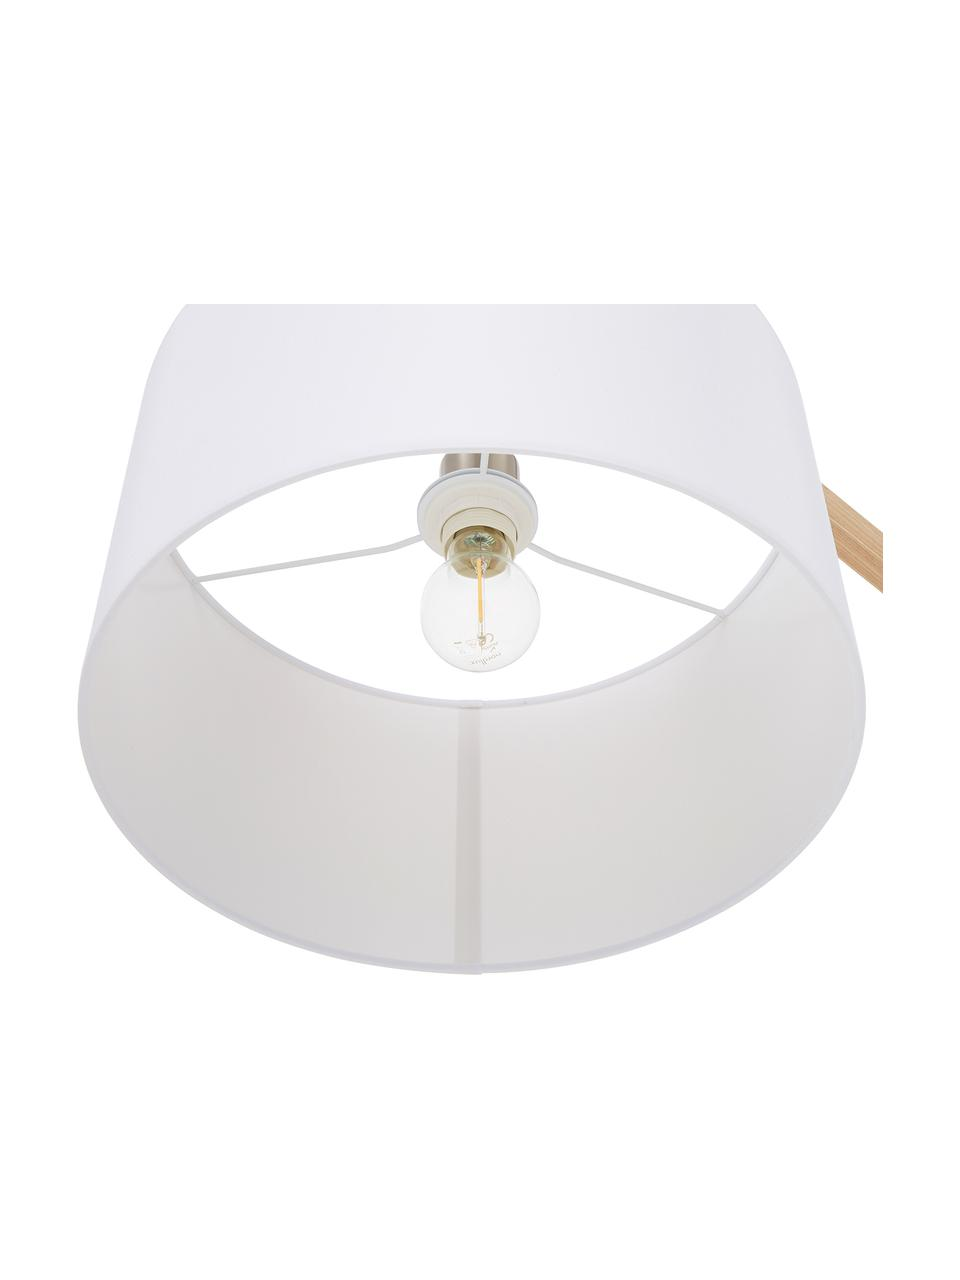 Skandi-Leselampe Woody, Lampenschirm: Baumwollgemisch, Lampenfuß: Metall mit Echtholzfurnie, Holzfurnier, Weiß, 81 x 166 cm